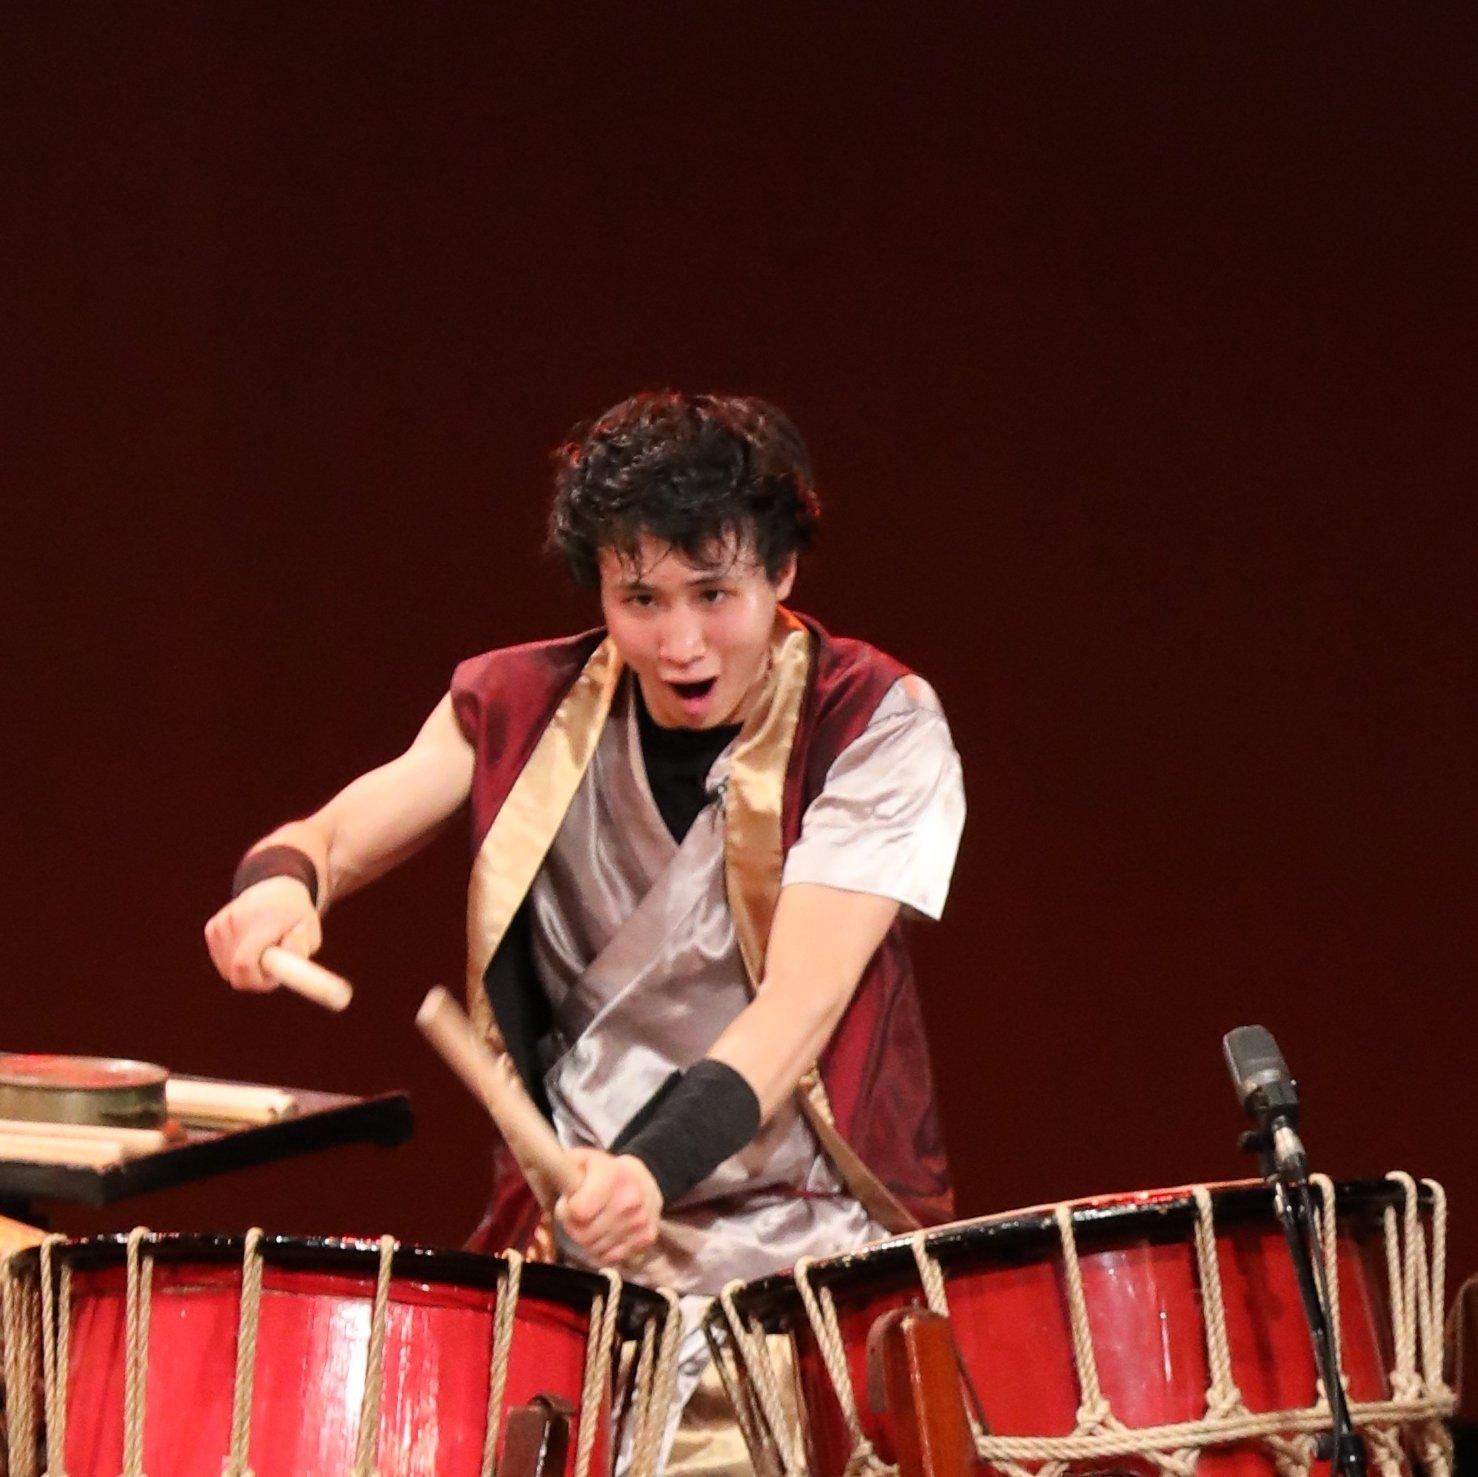 GONNA(ガナ)|和太鼓奏者石井郁也の和太鼓セット演奏